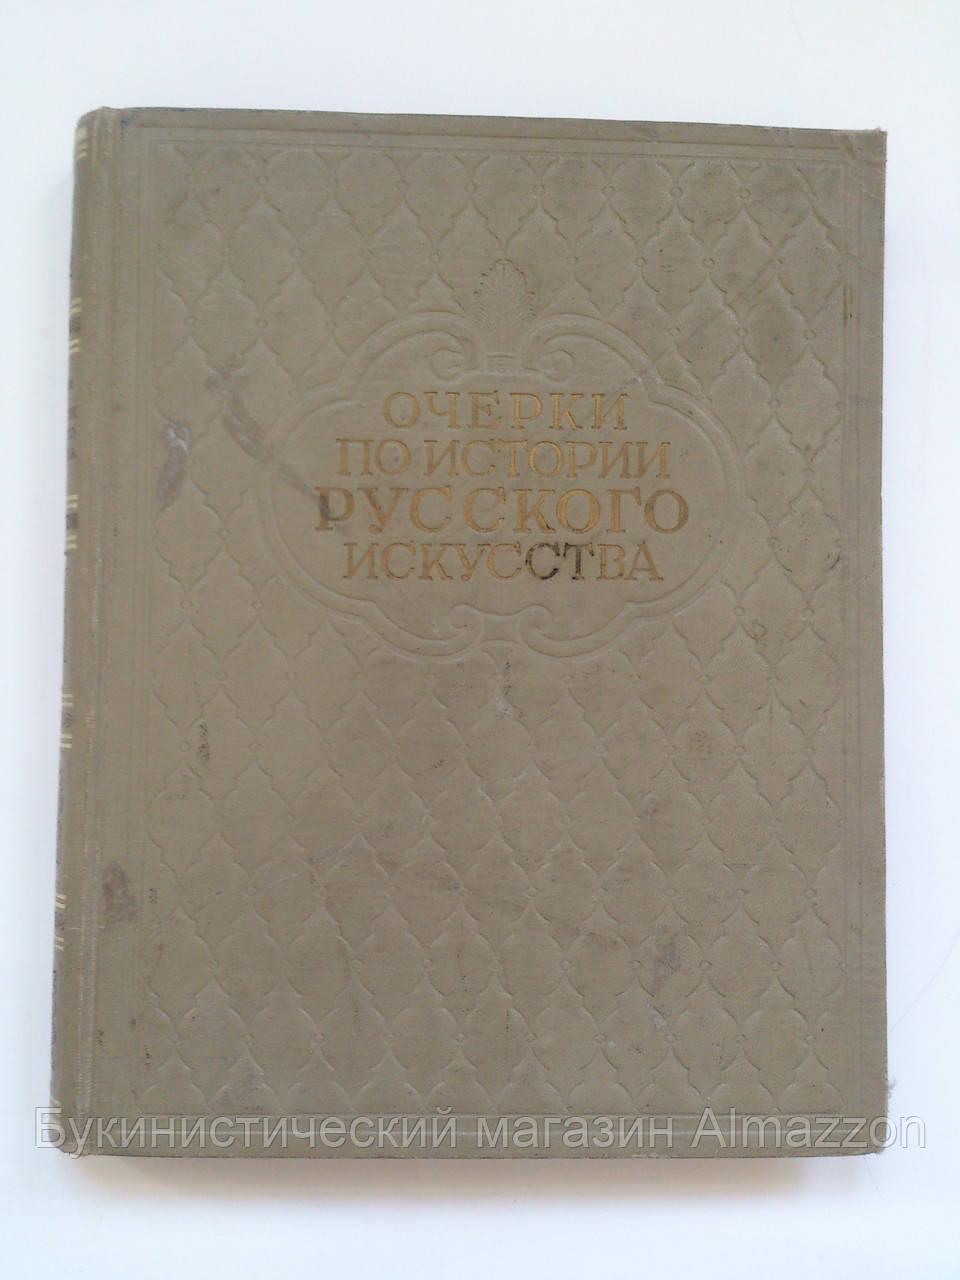 Очерки по истории русского искусства. 1954 год